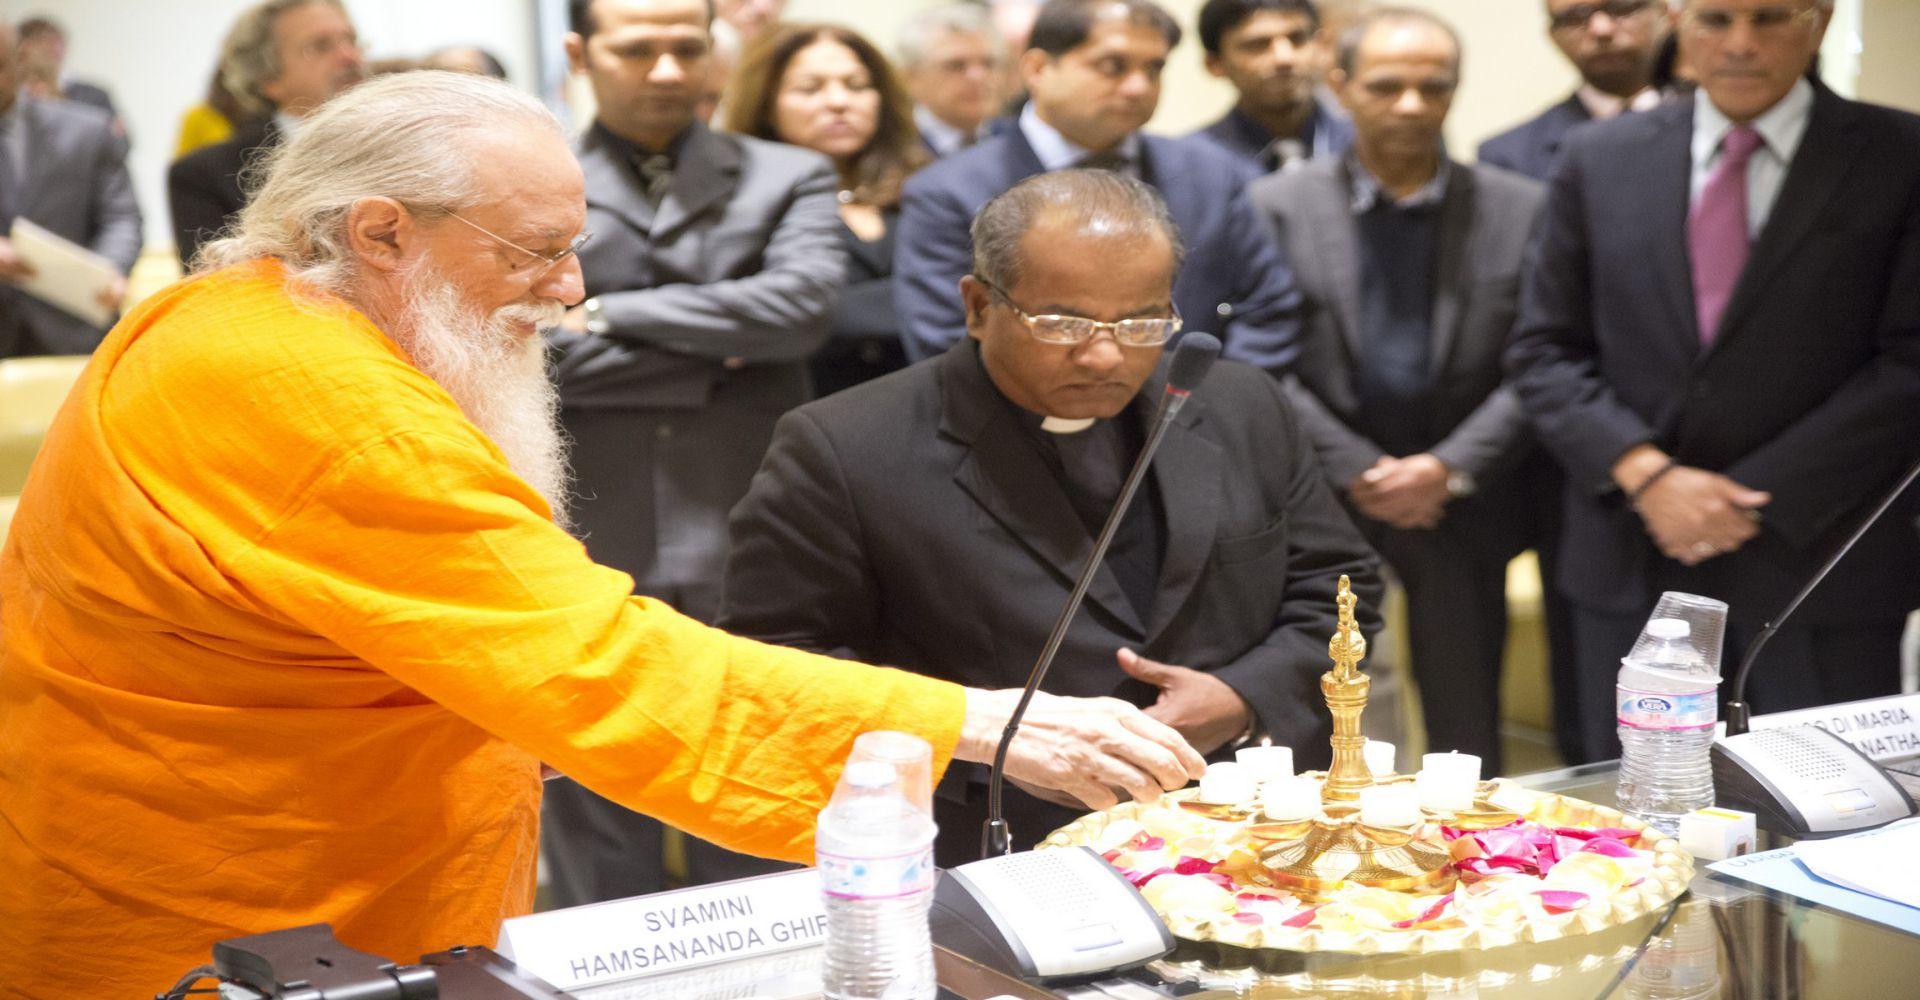 Padre Santiago, Pontificio Consiglio per il Dialogo Interreligioso